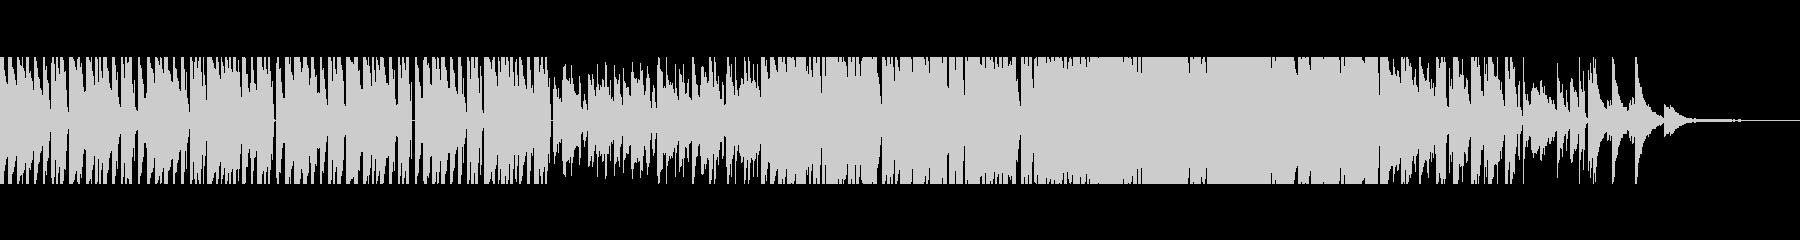 【短Ver3】80年代風洋楽ポップロックの未再生の波形